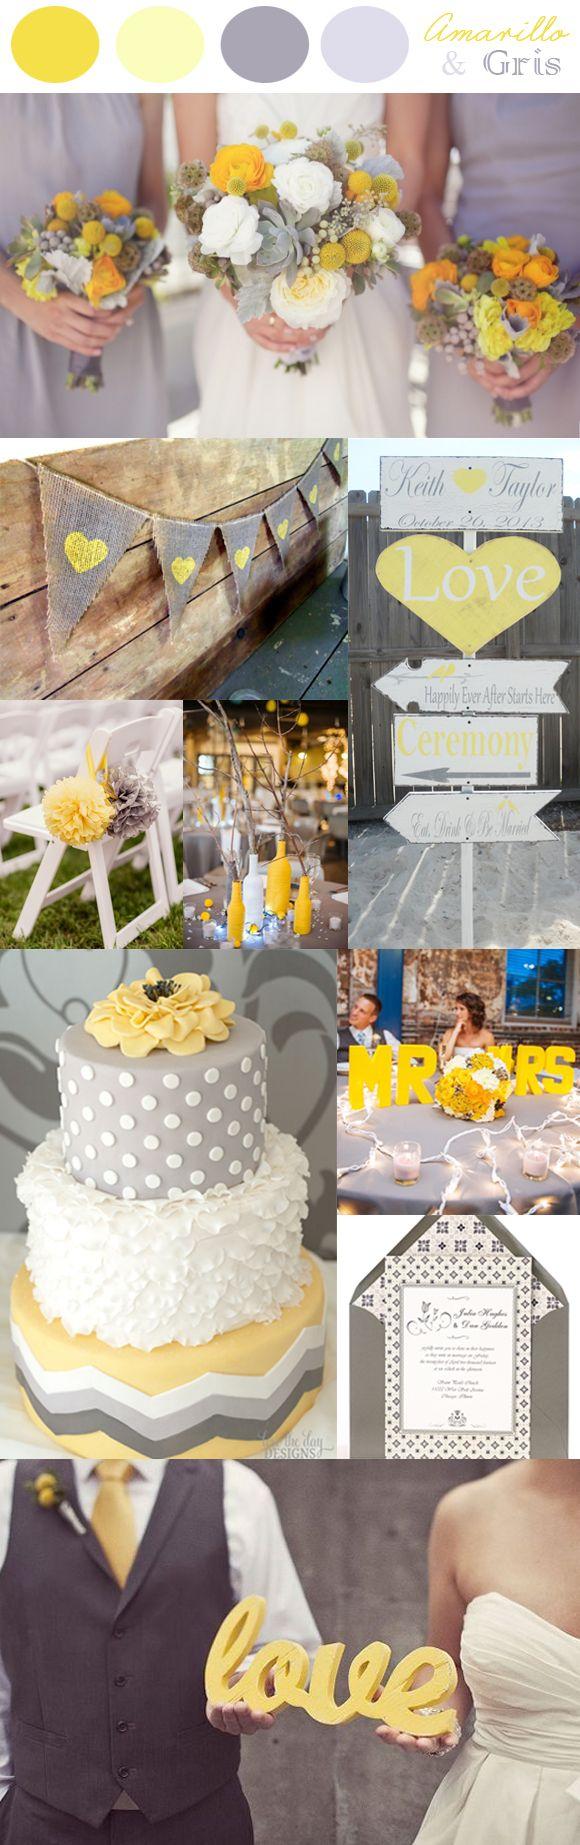 Ideas preciosas para bodas en amarillo y gris, una combinación ideal para bodas modernas y con un toque muy alegre.